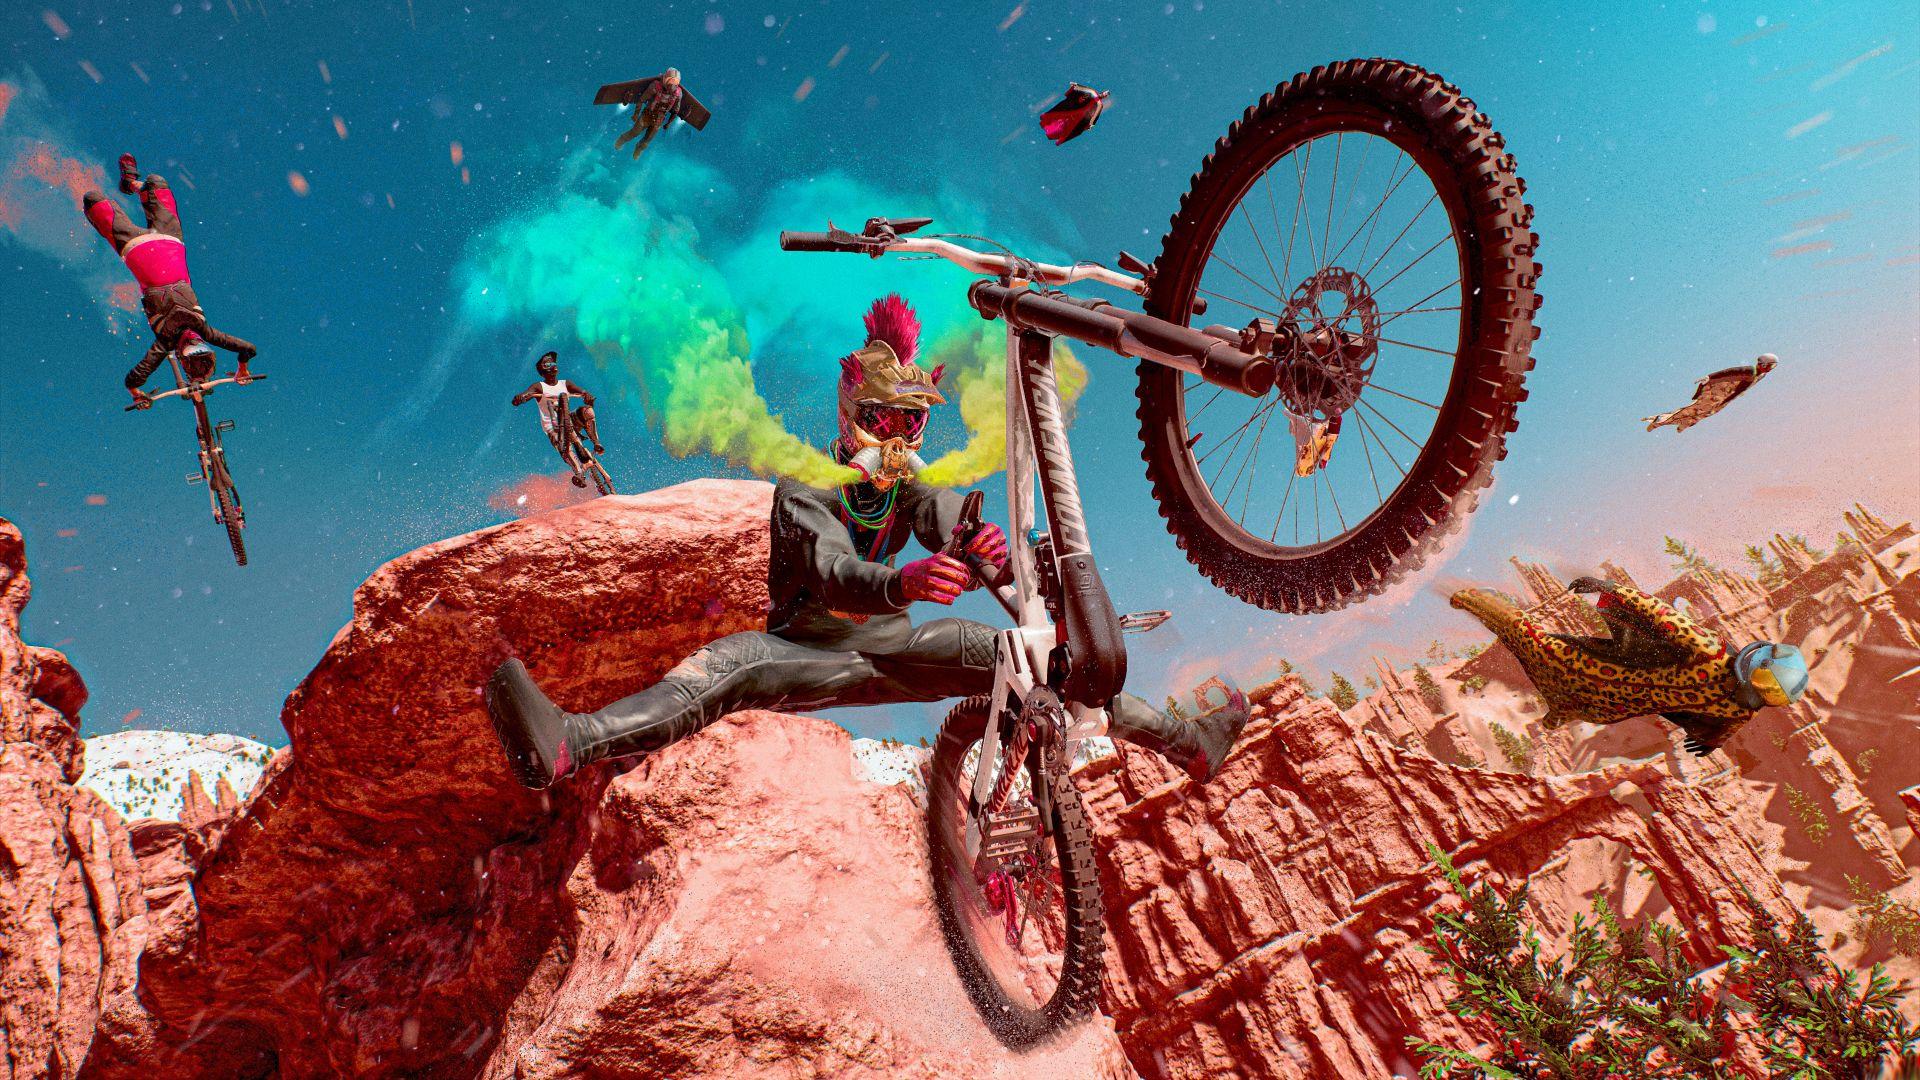 Трейлер геймплея и дата выхода Riders Republic  игры про экстремальные виды спорта от Ubisoft